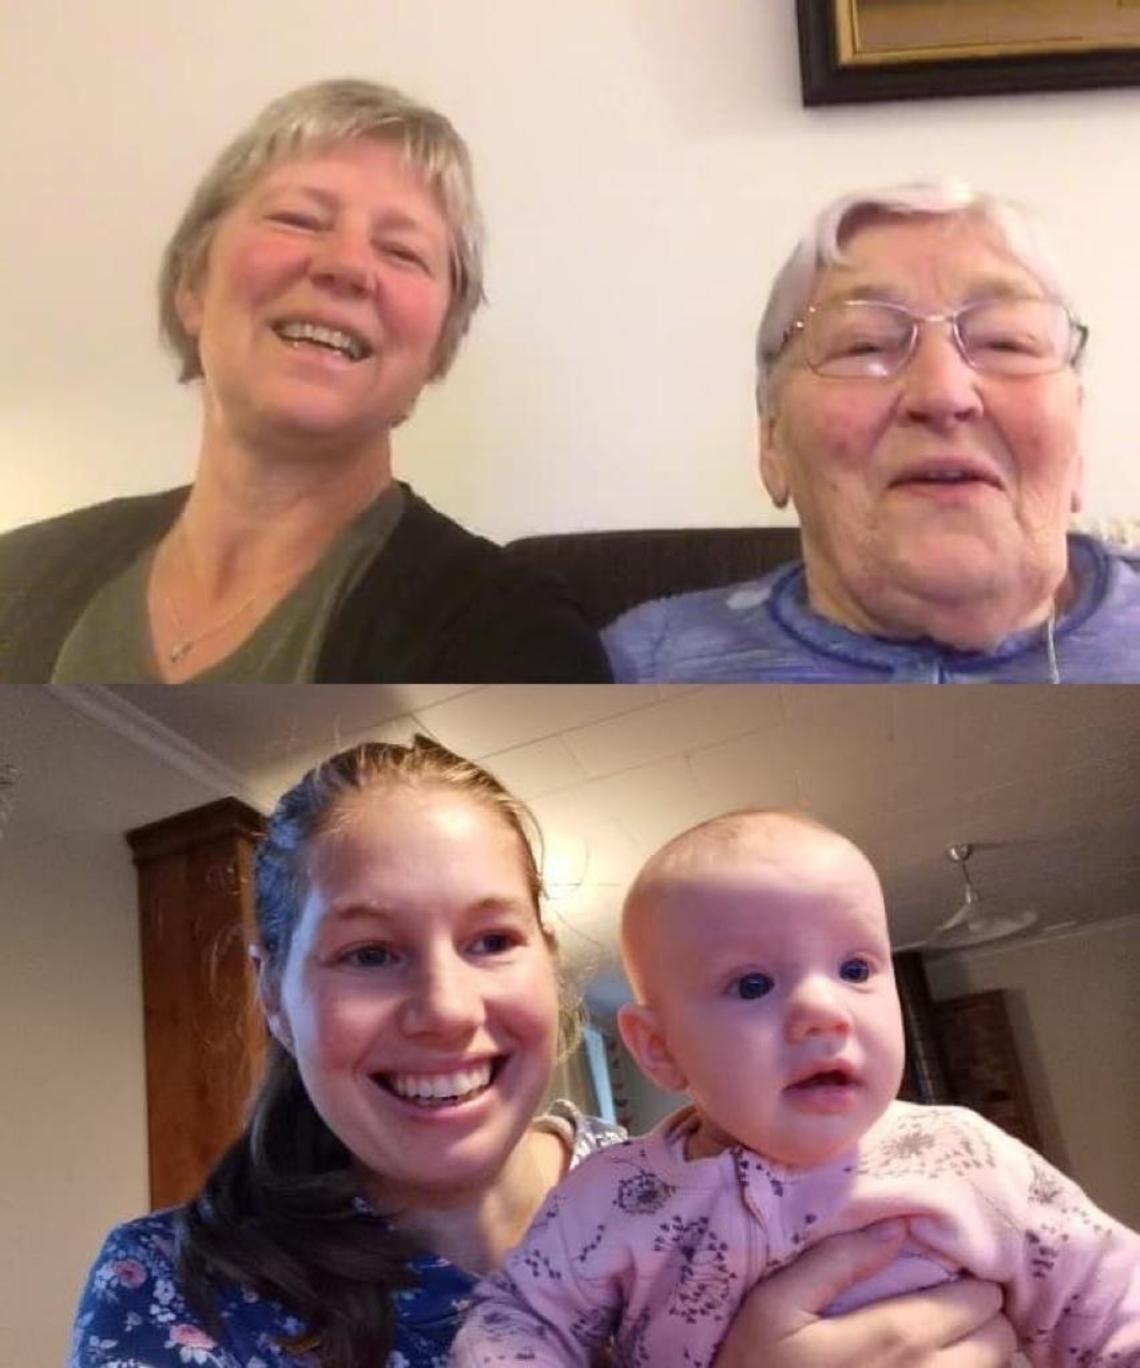 Boven: Francee (l) en Lena (r). Onder: Kim, met Sara in haar handen